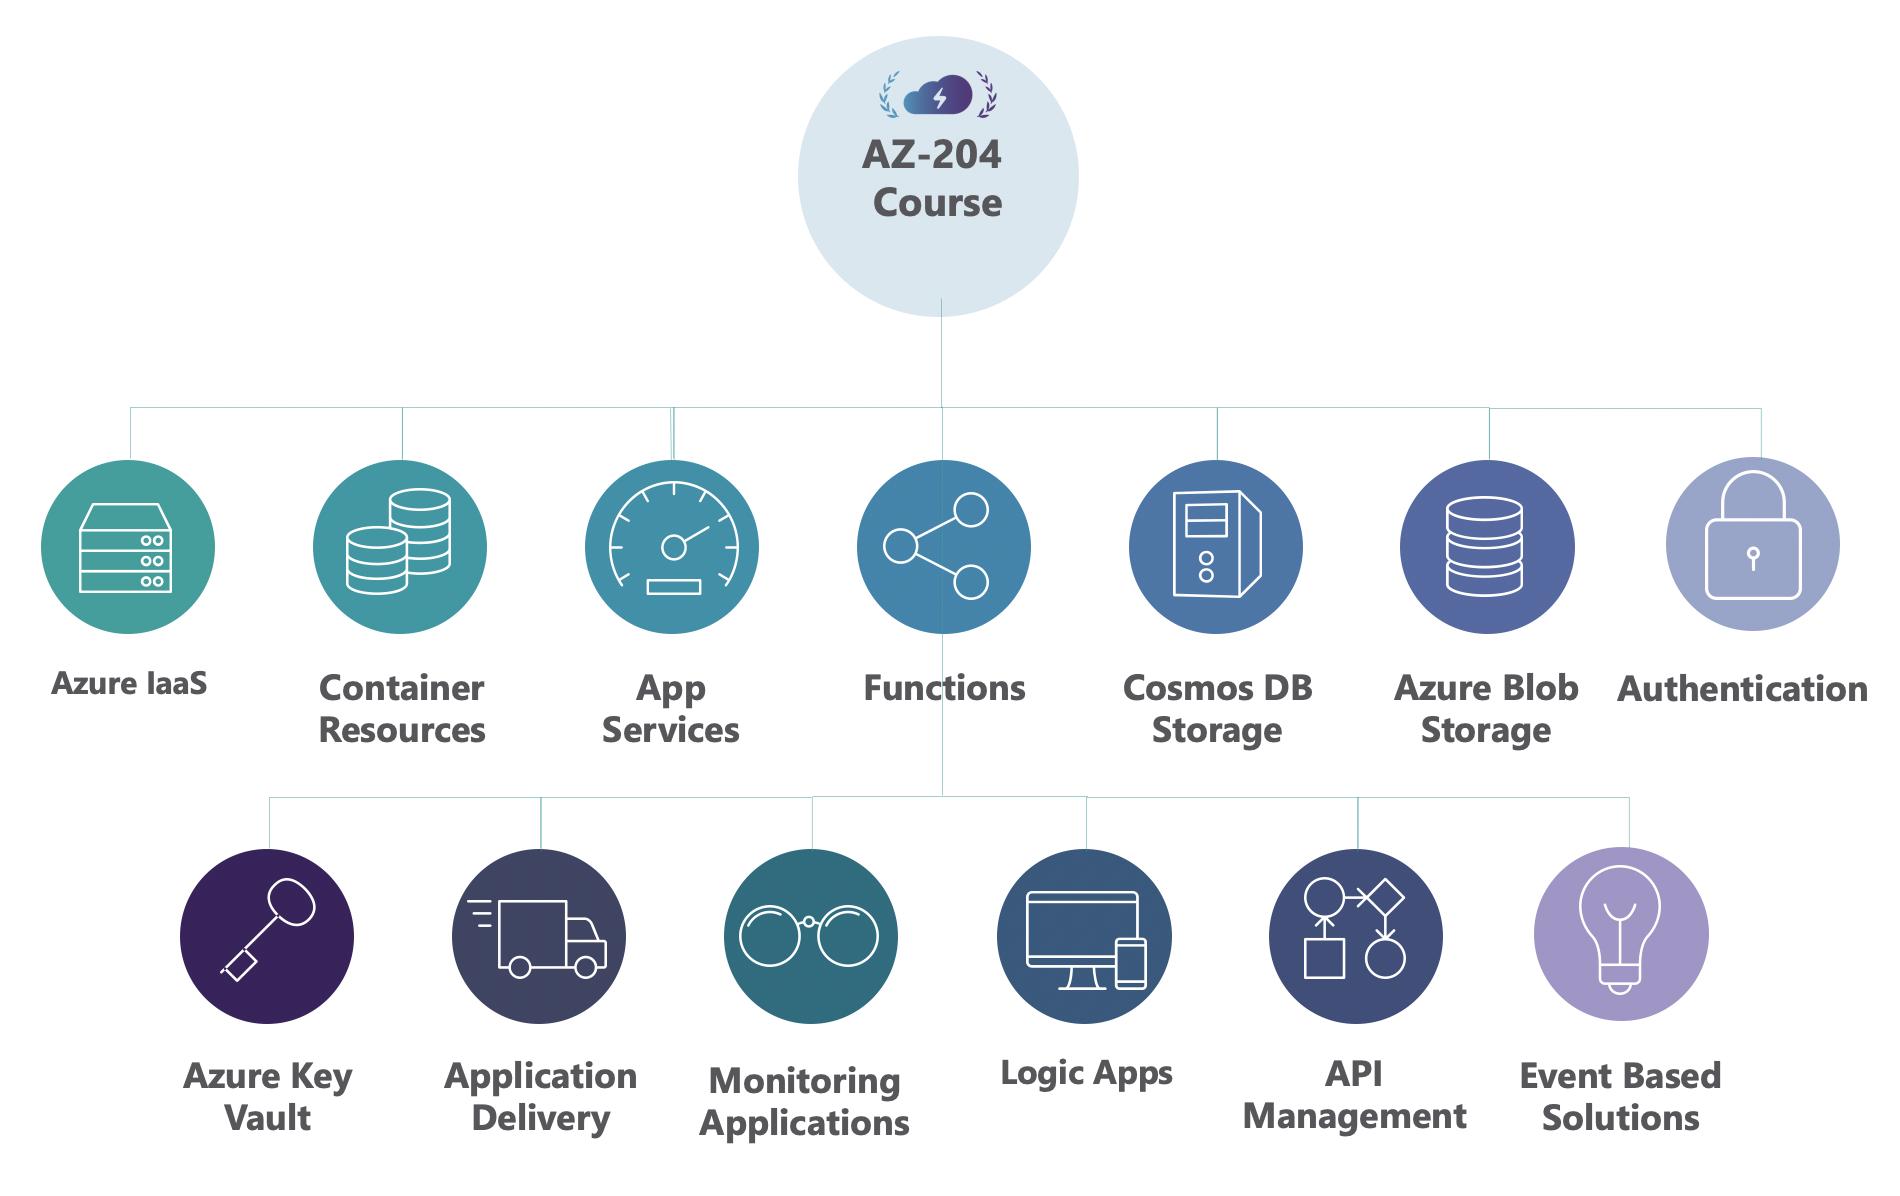 AZ-204 Course Overview